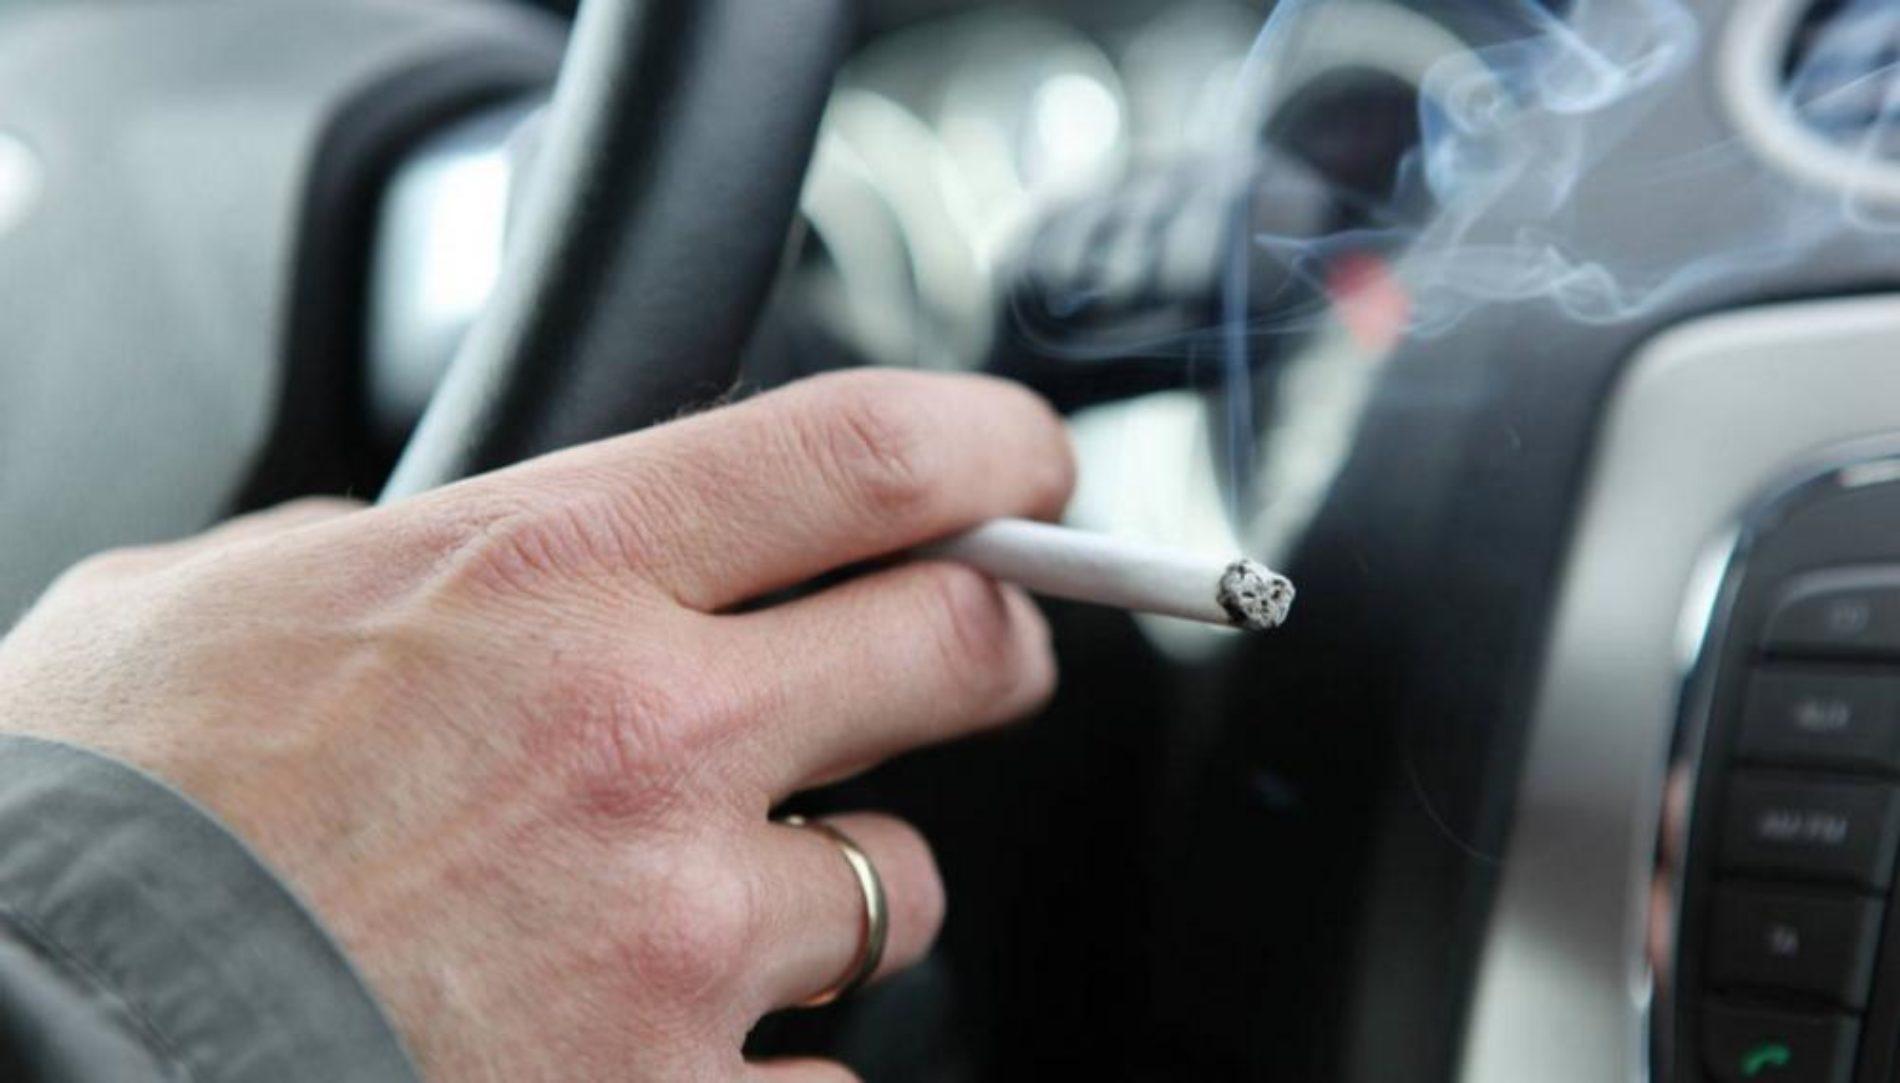 Sondaggio LIAF: Che ne pensi del divieto di fumo al volante? E del divieto di e-cig?